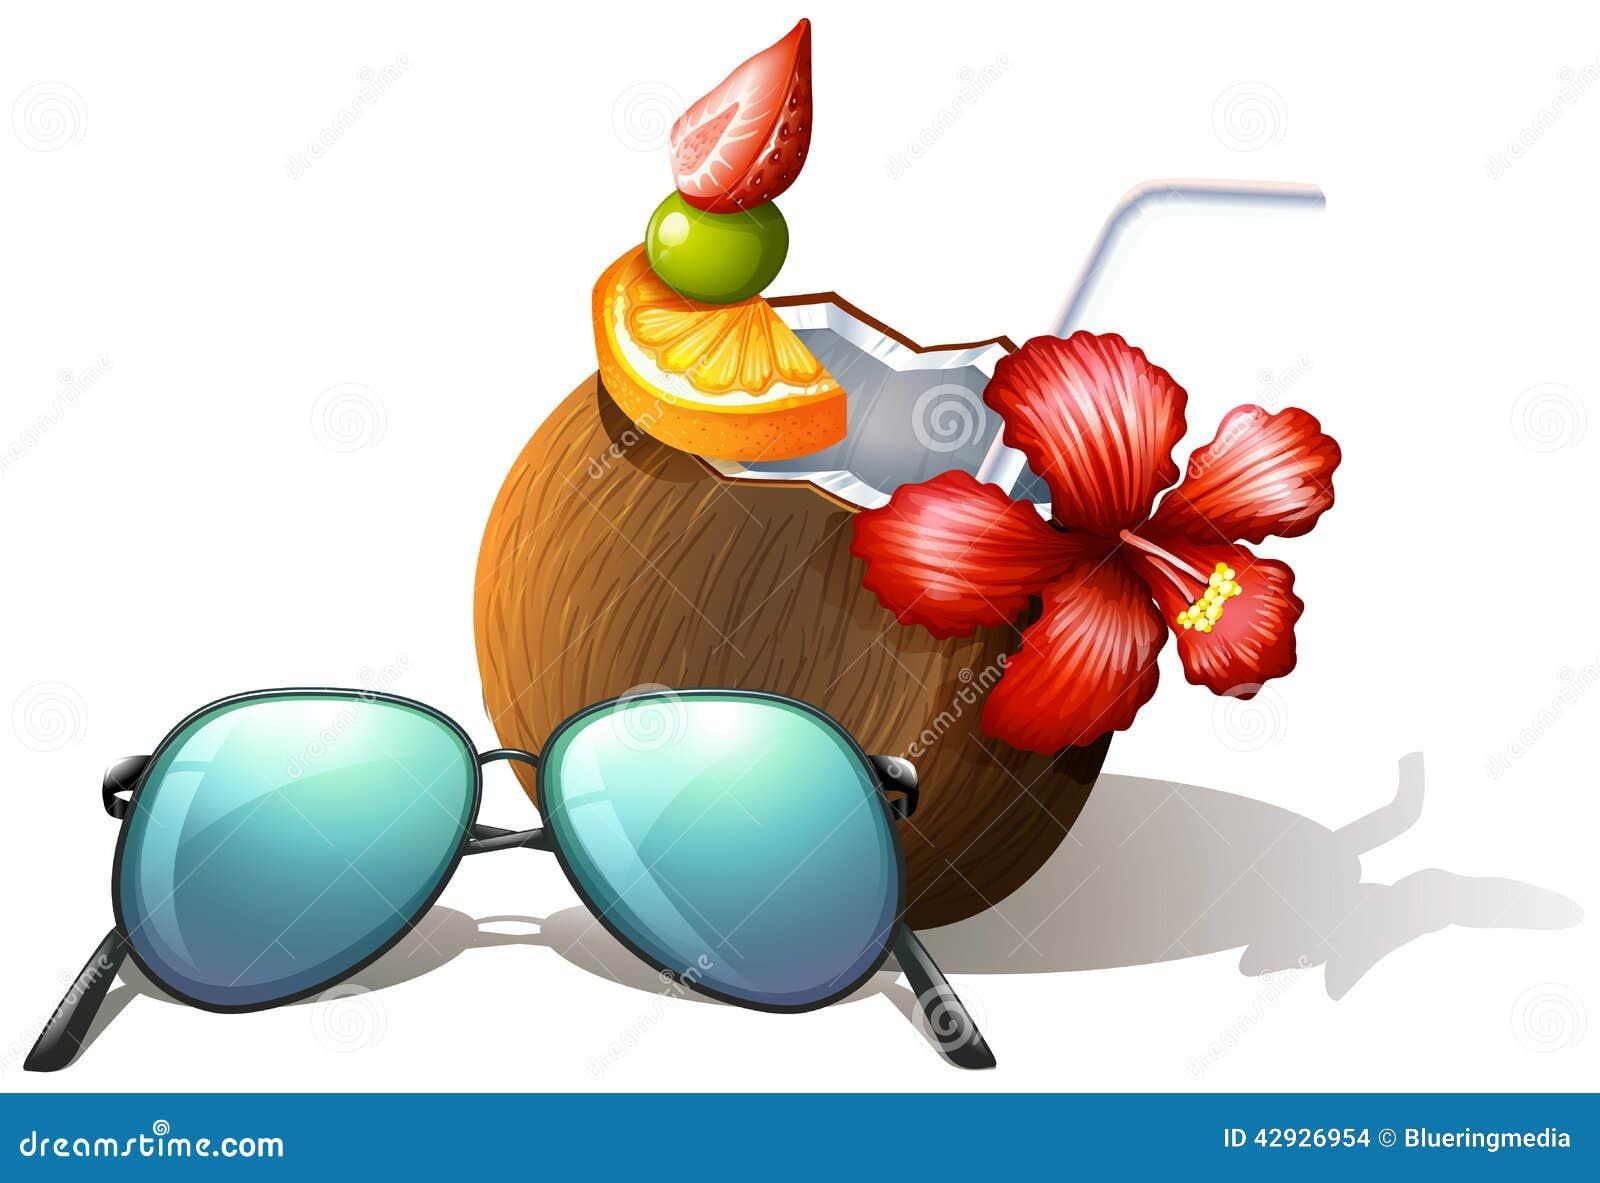 Ein Auffrischungsgetränk Und Sonnenbrille Für Einen Strandausflug ...